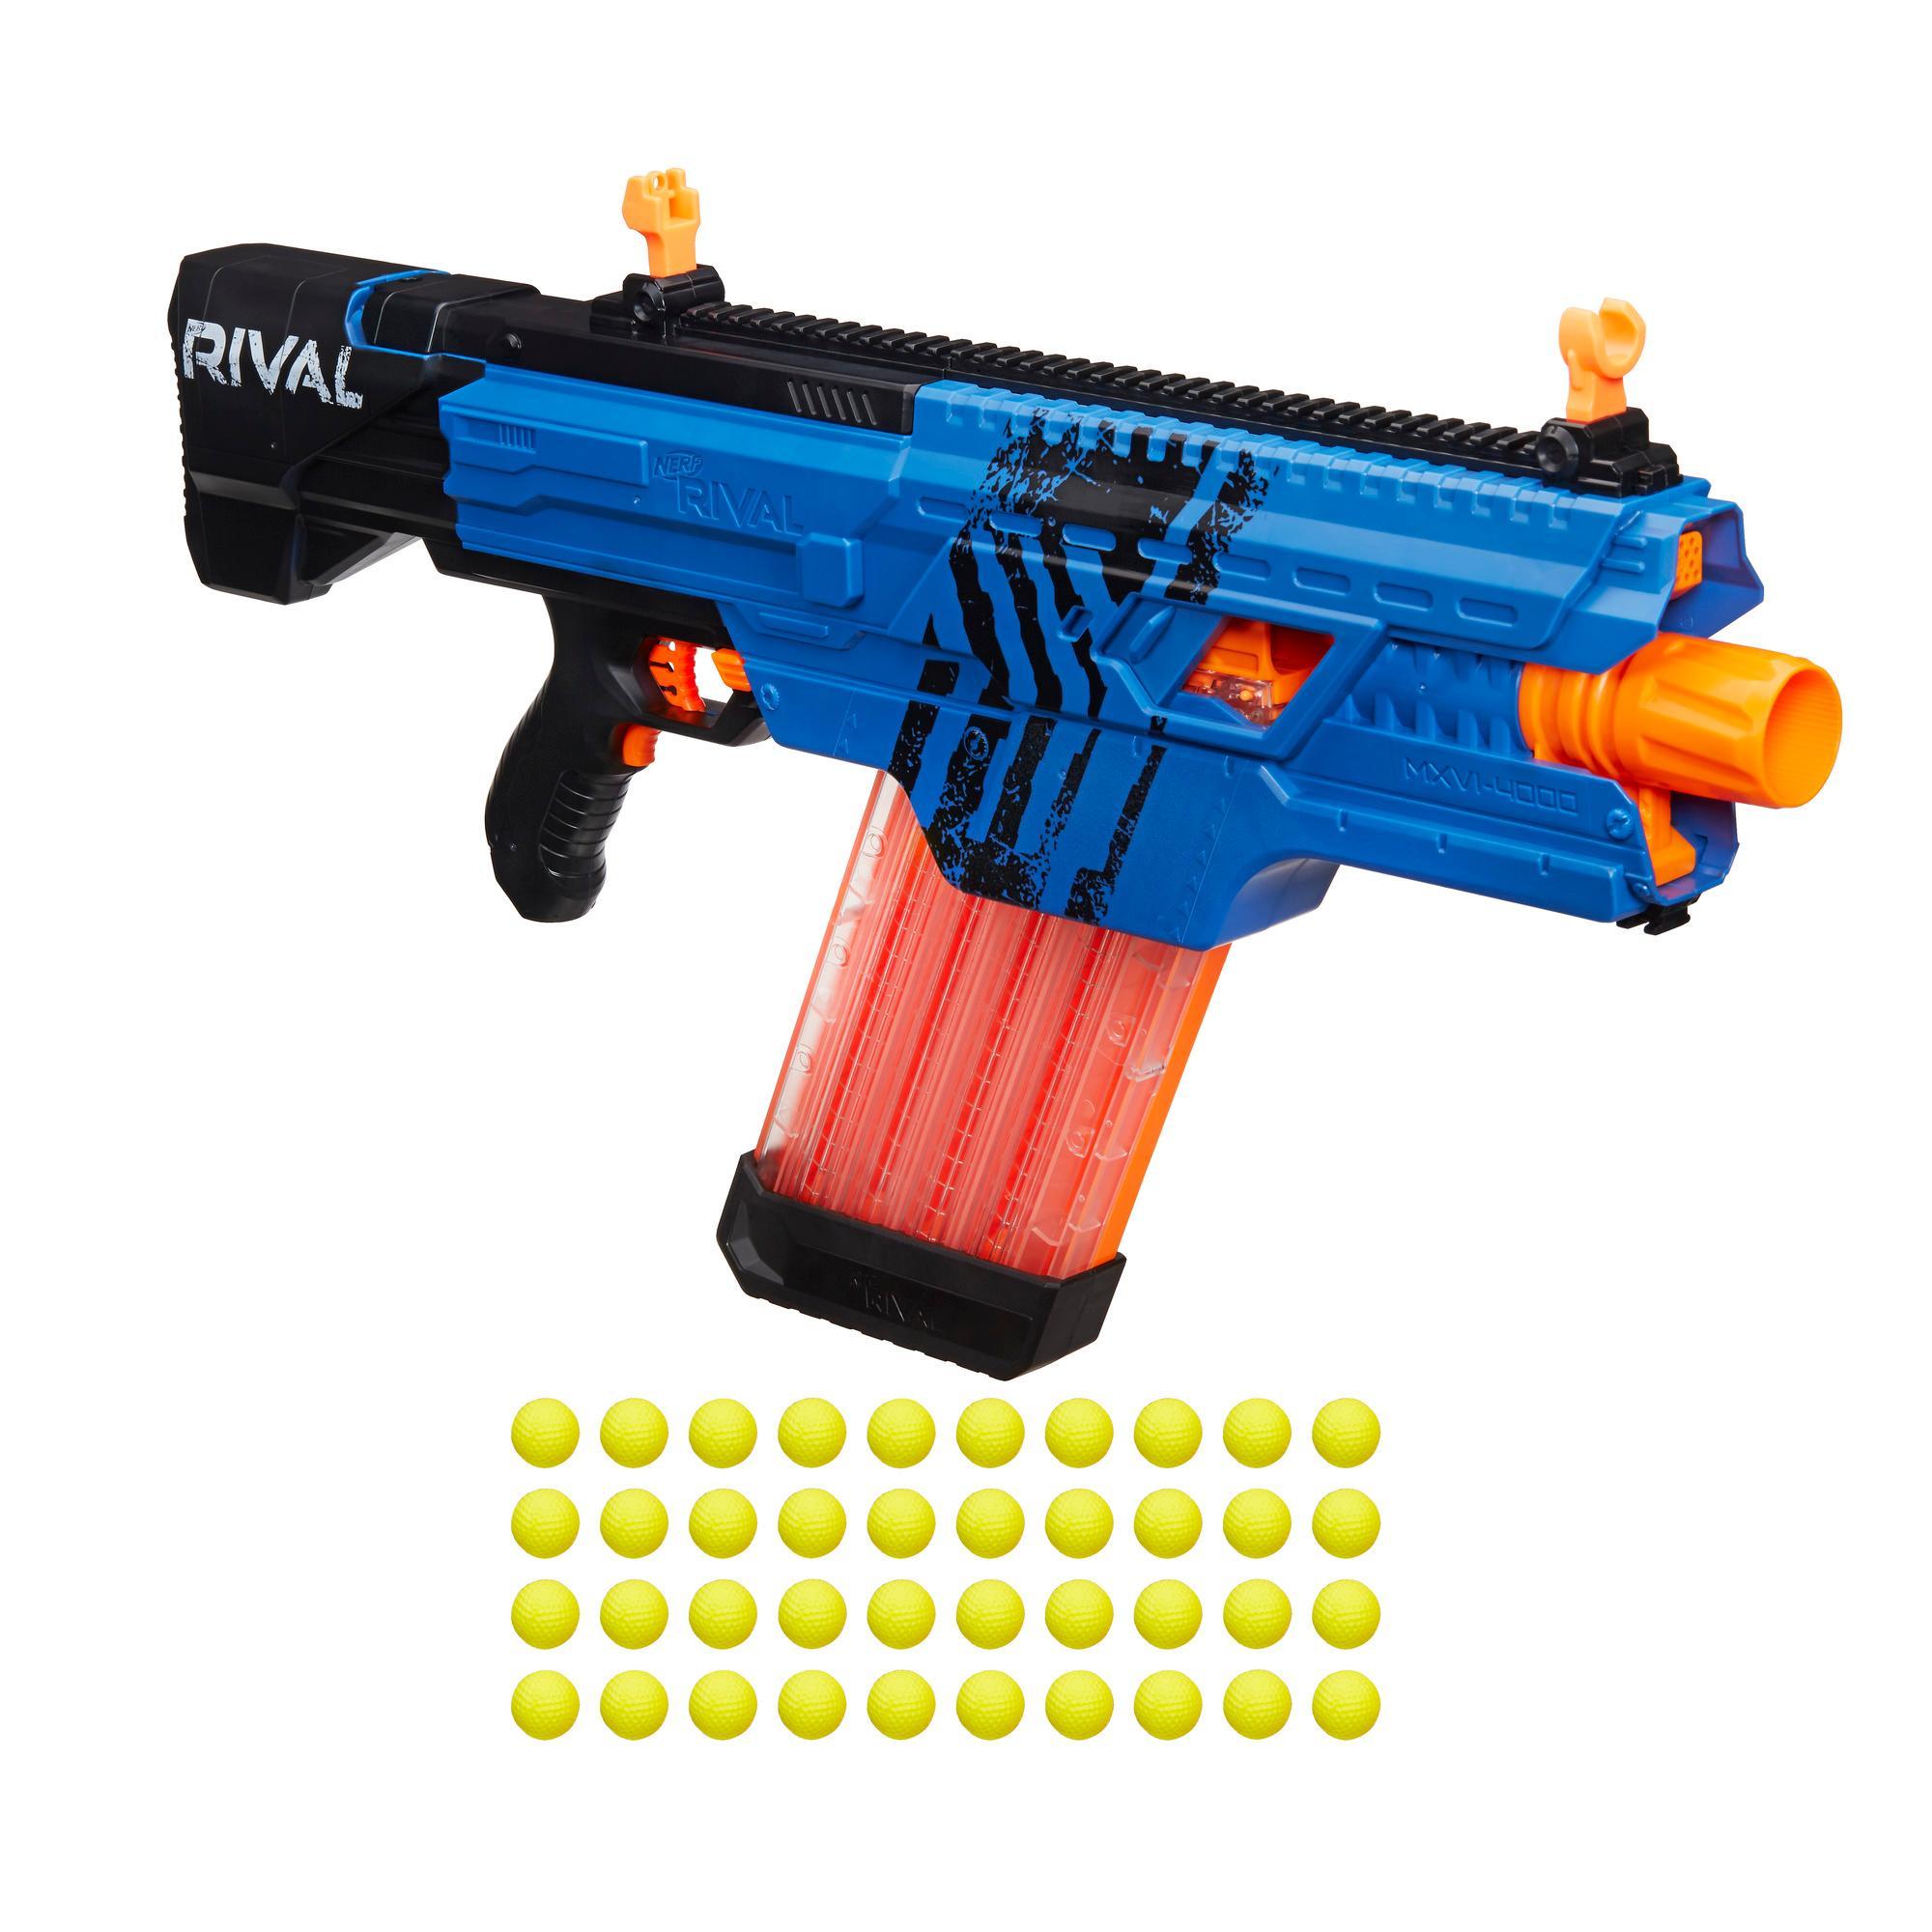 Nerf rival khaos mxvi 4000 blaster blue for Nerf motorized rapid fire blasting